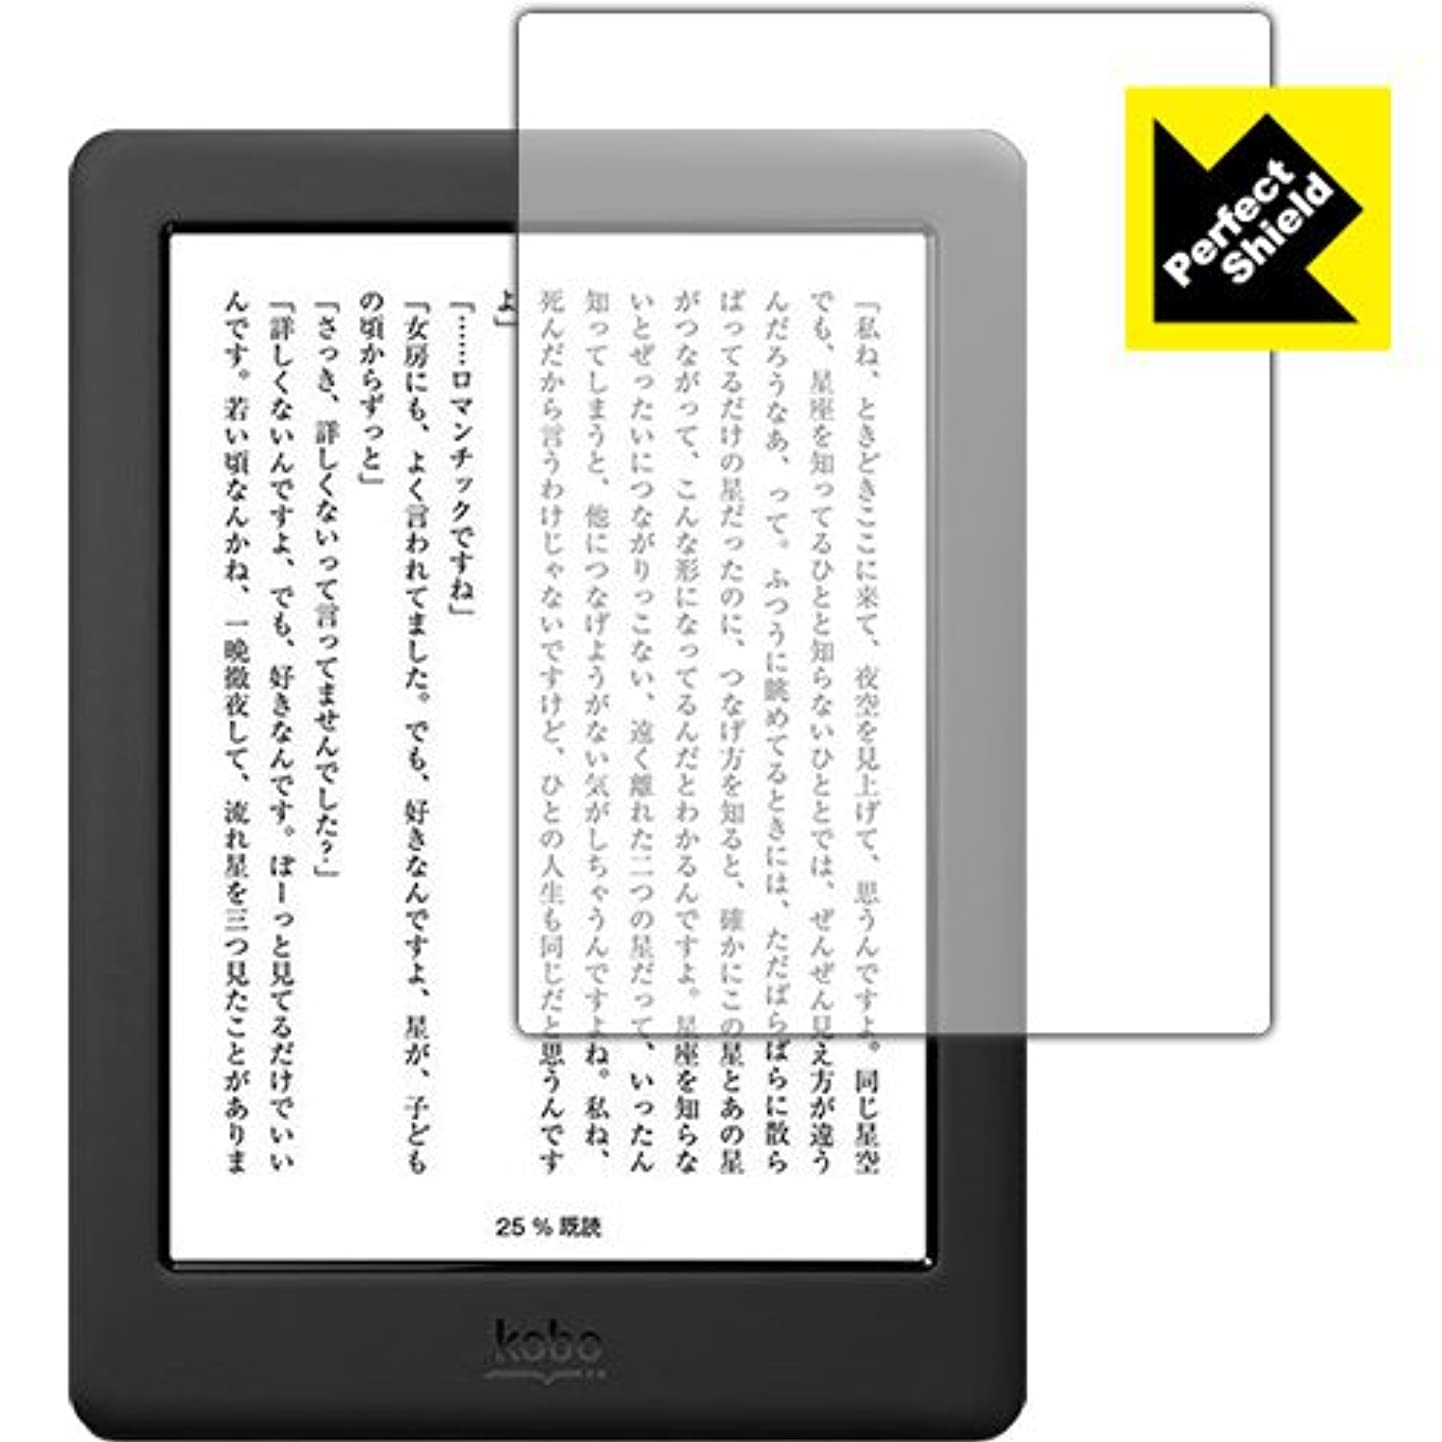 トリムカメ弱点防気泡 防指紋 反射低減保護フィルム Perfect Shield Kobo Glo HD 日本製